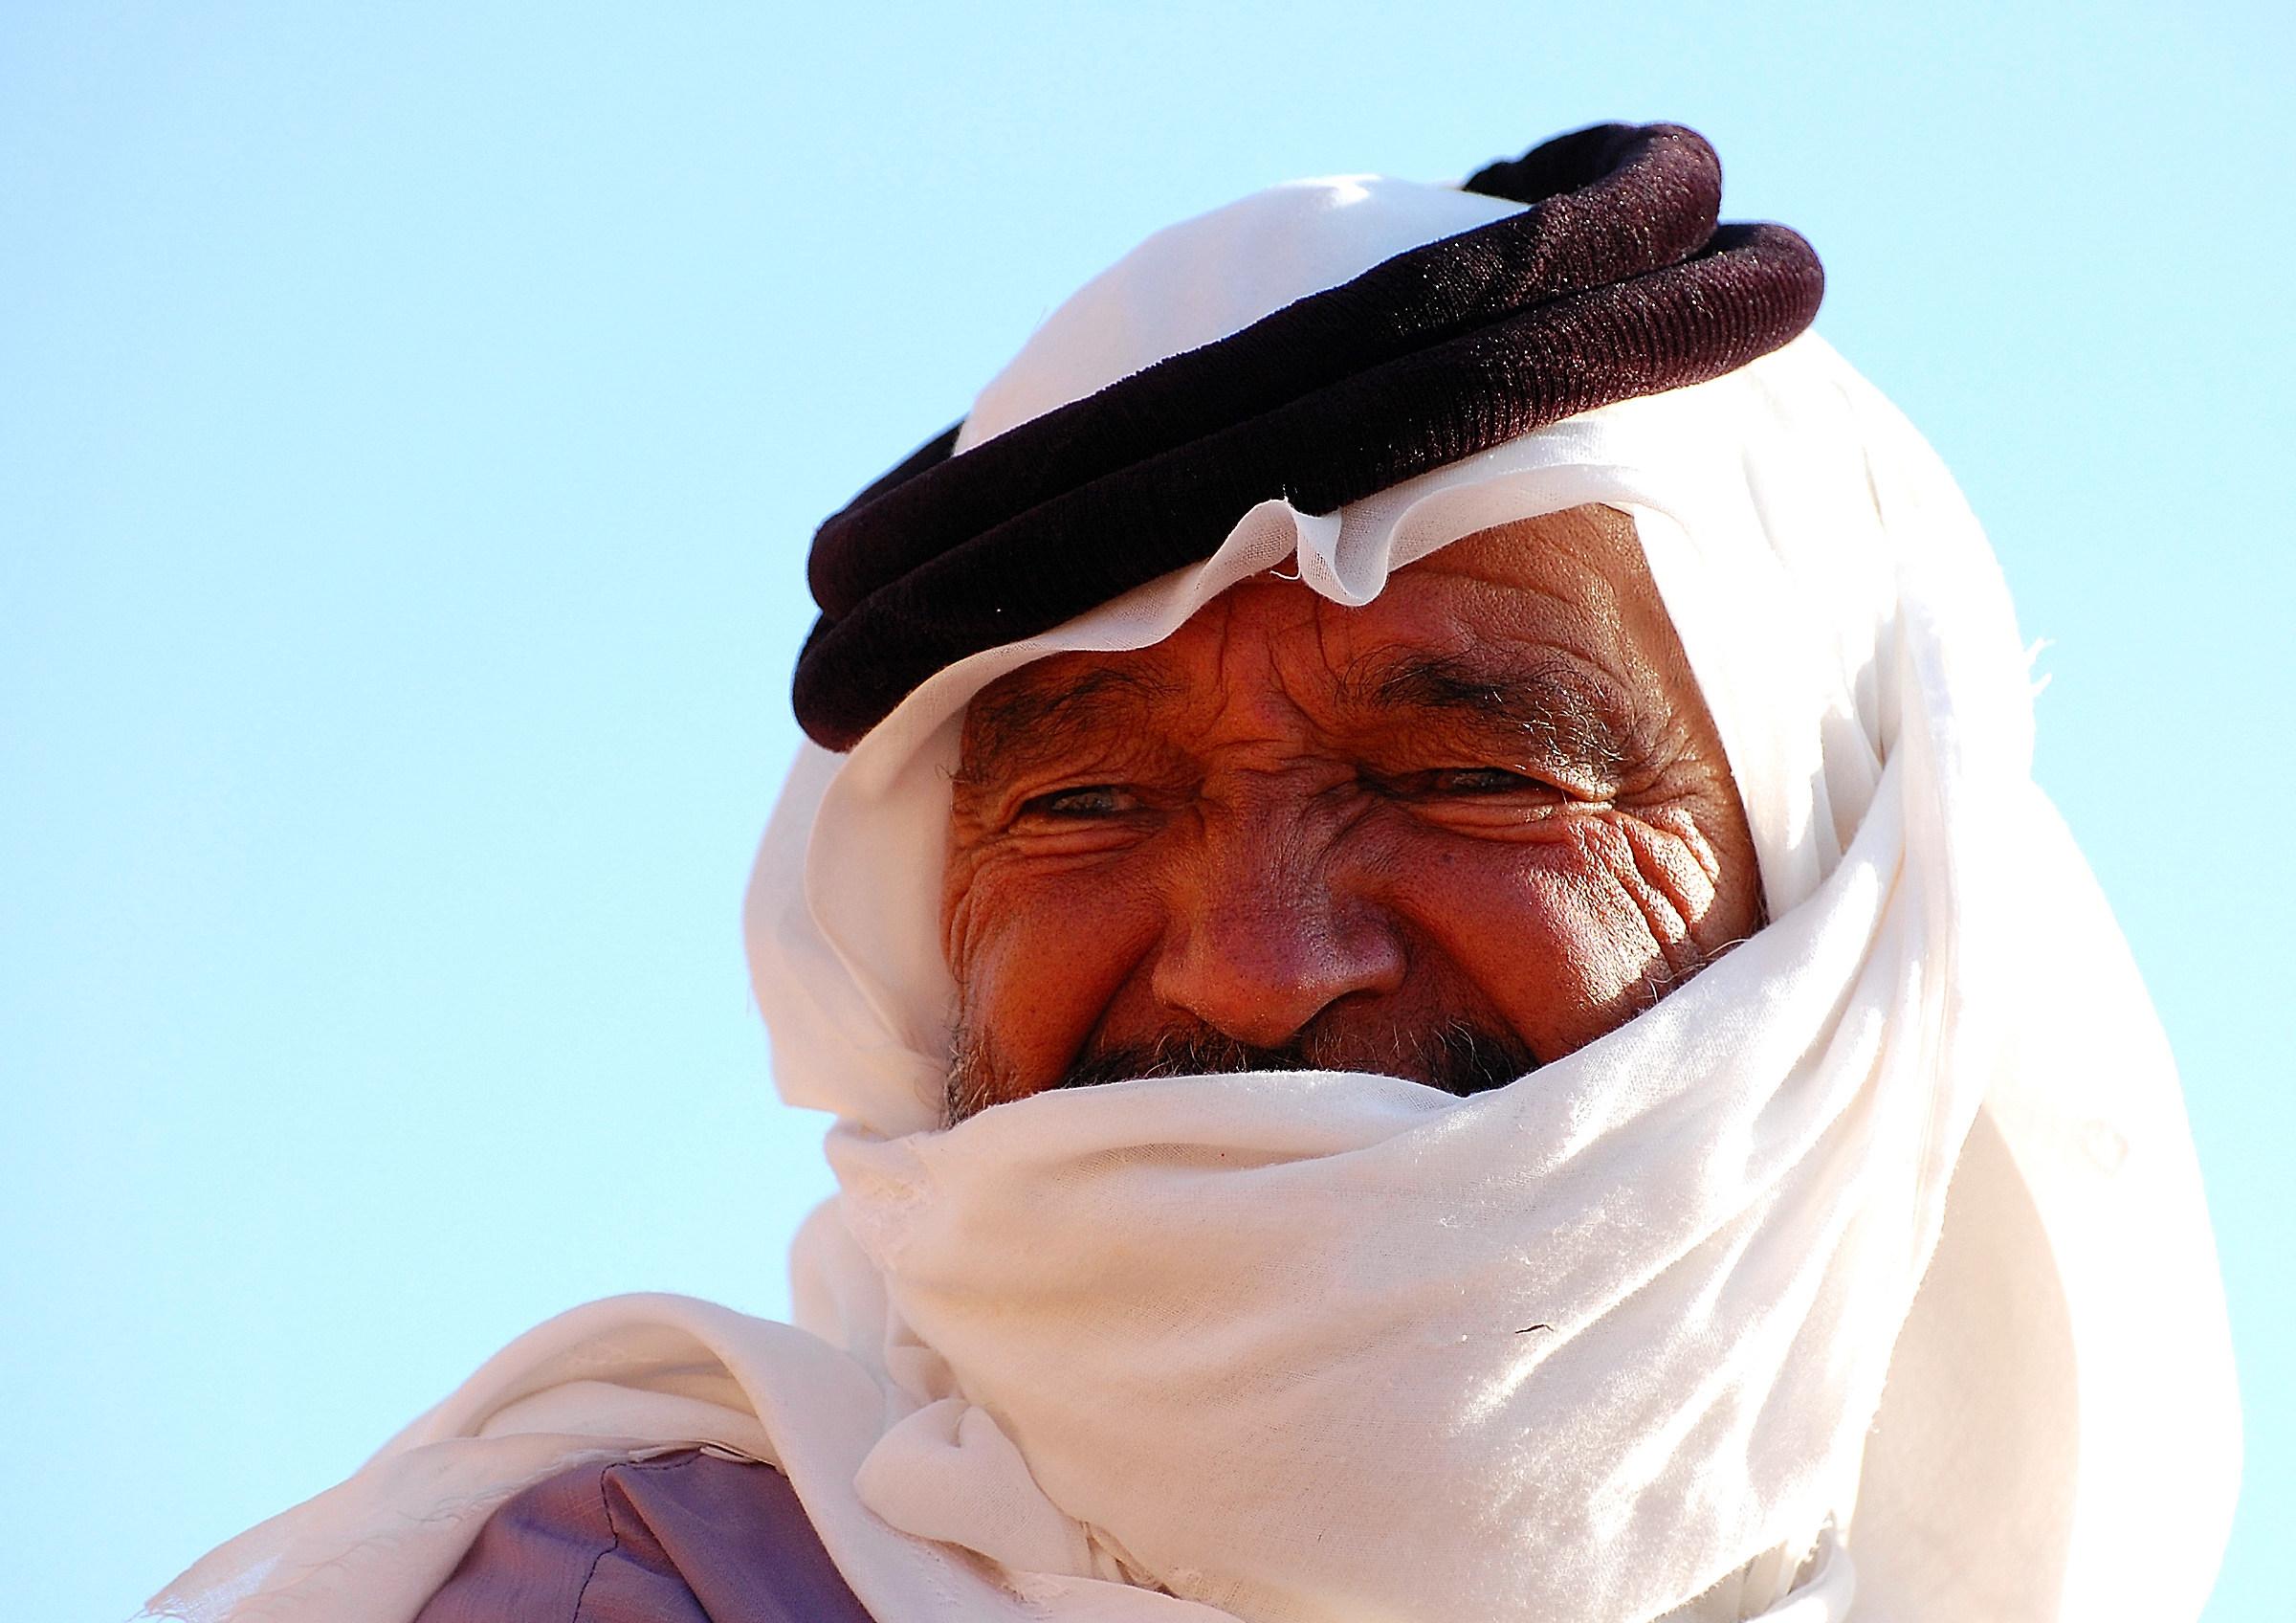 Jordan: the desert challenge...